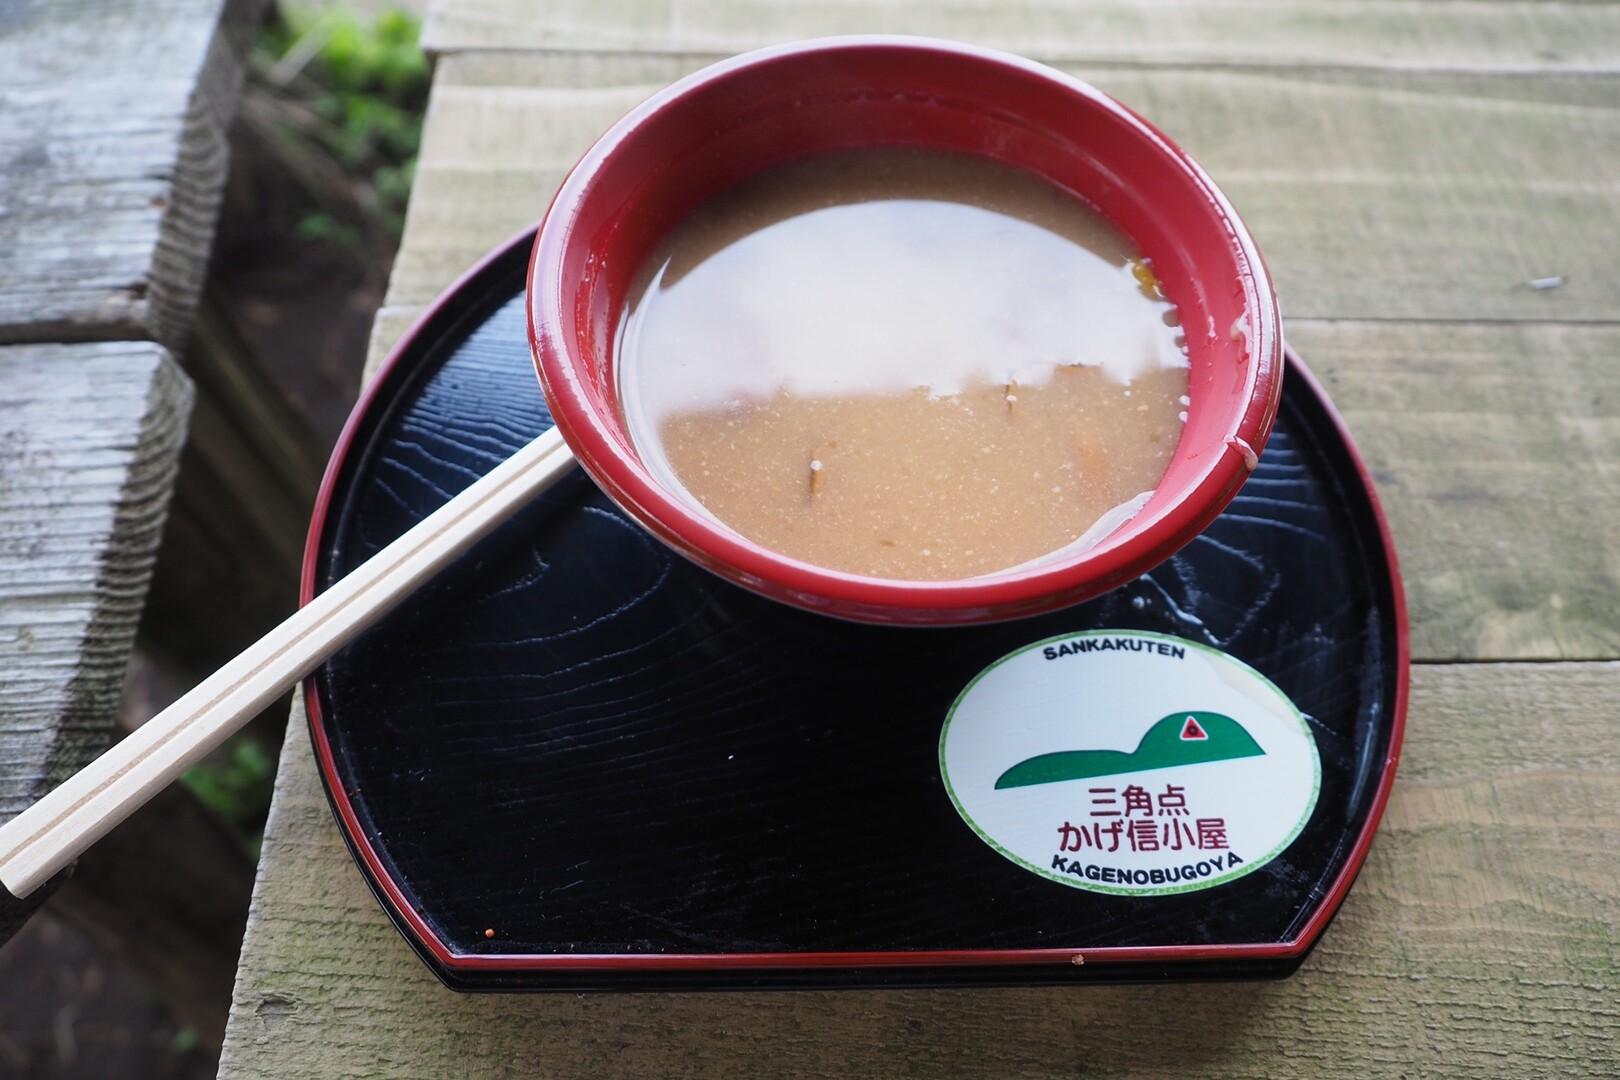 景信茶屋のなめこ汁は福島県産のなめこ使用です。<br> <br> そりゃ景信山で全部調達できるわけないよね!笑<br> しかし、ゆずがきいて美味い。このうどん、今度食ってみたい🍜